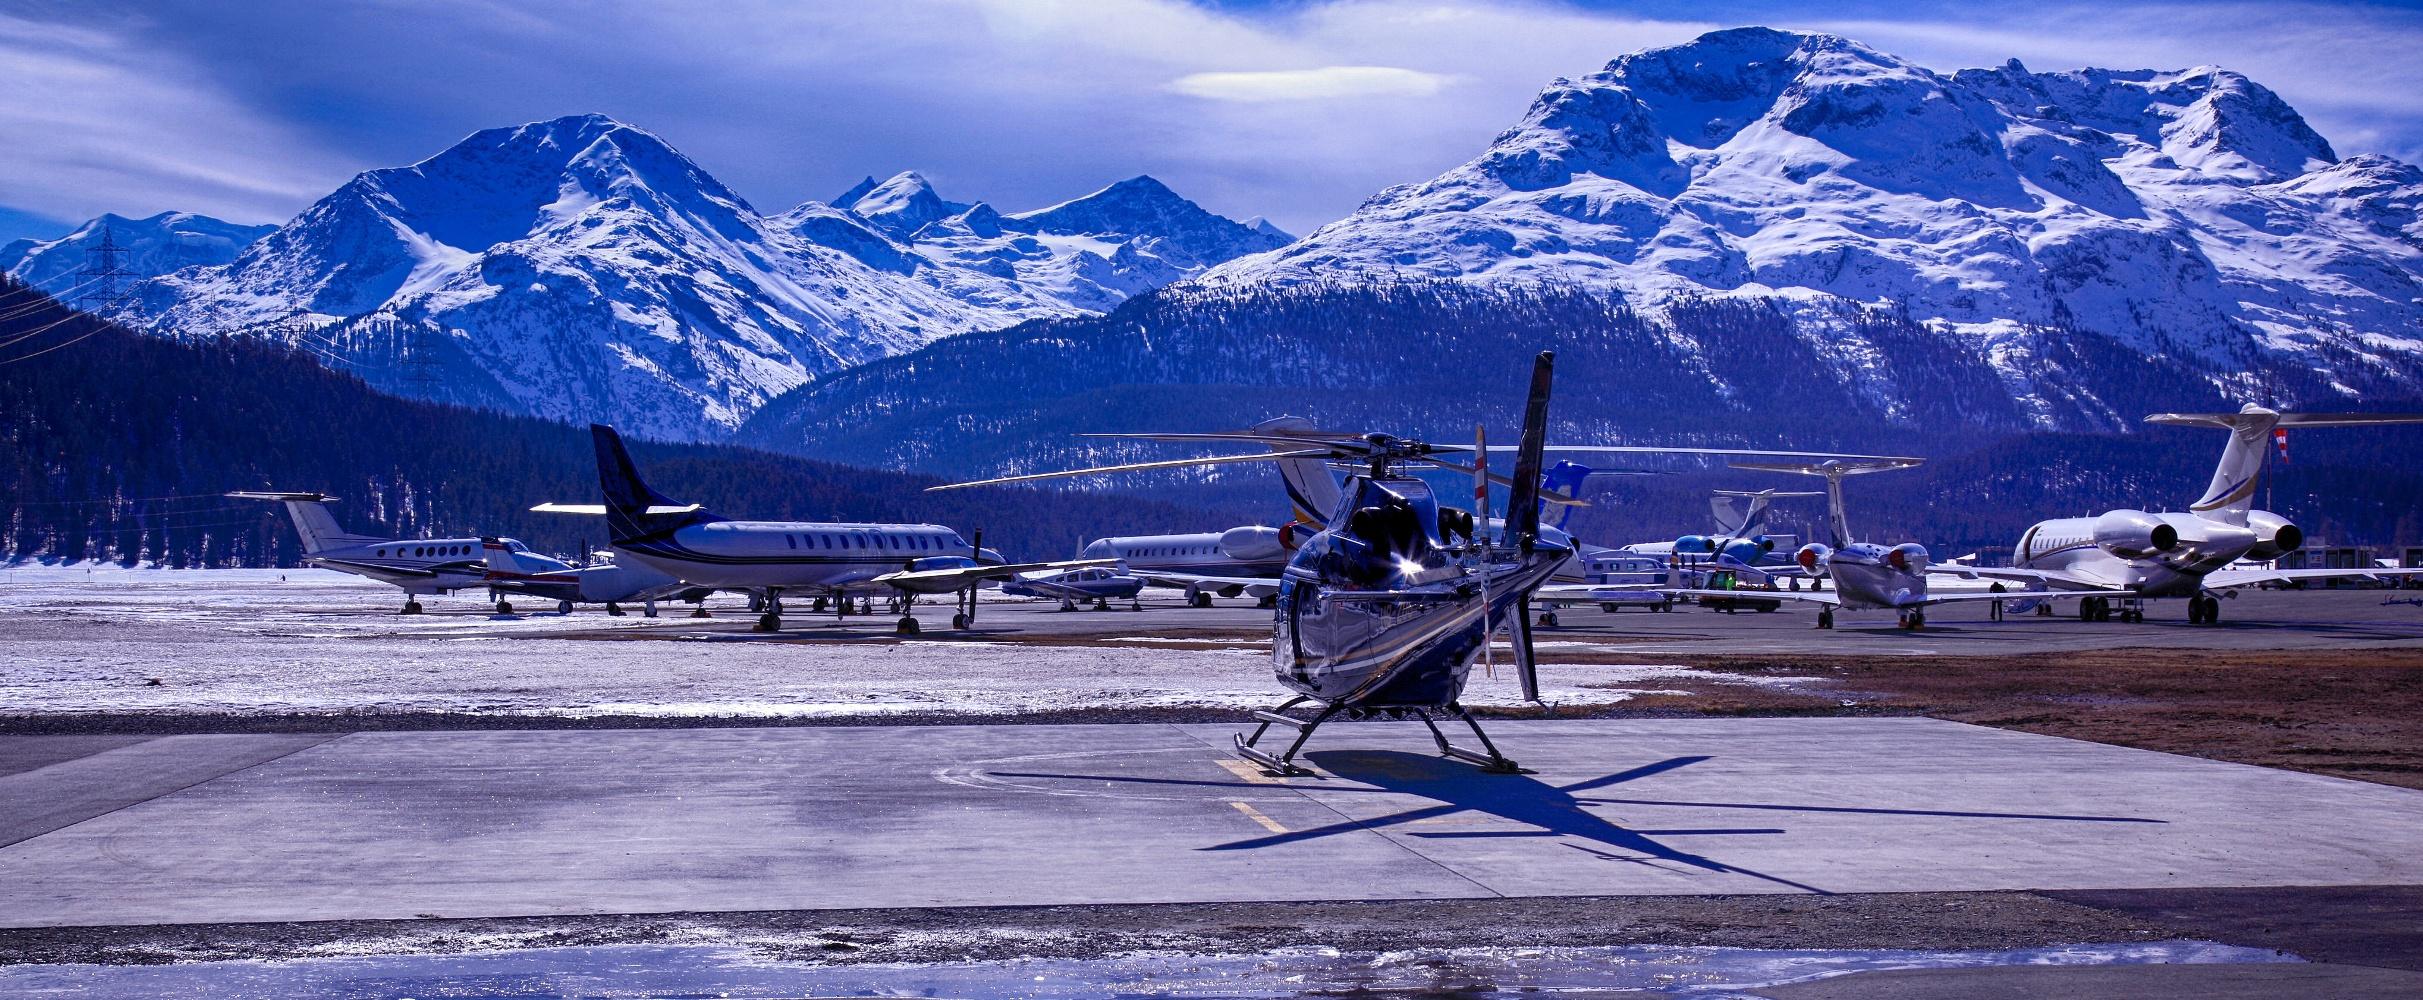 Аренда вертолета в Женеве